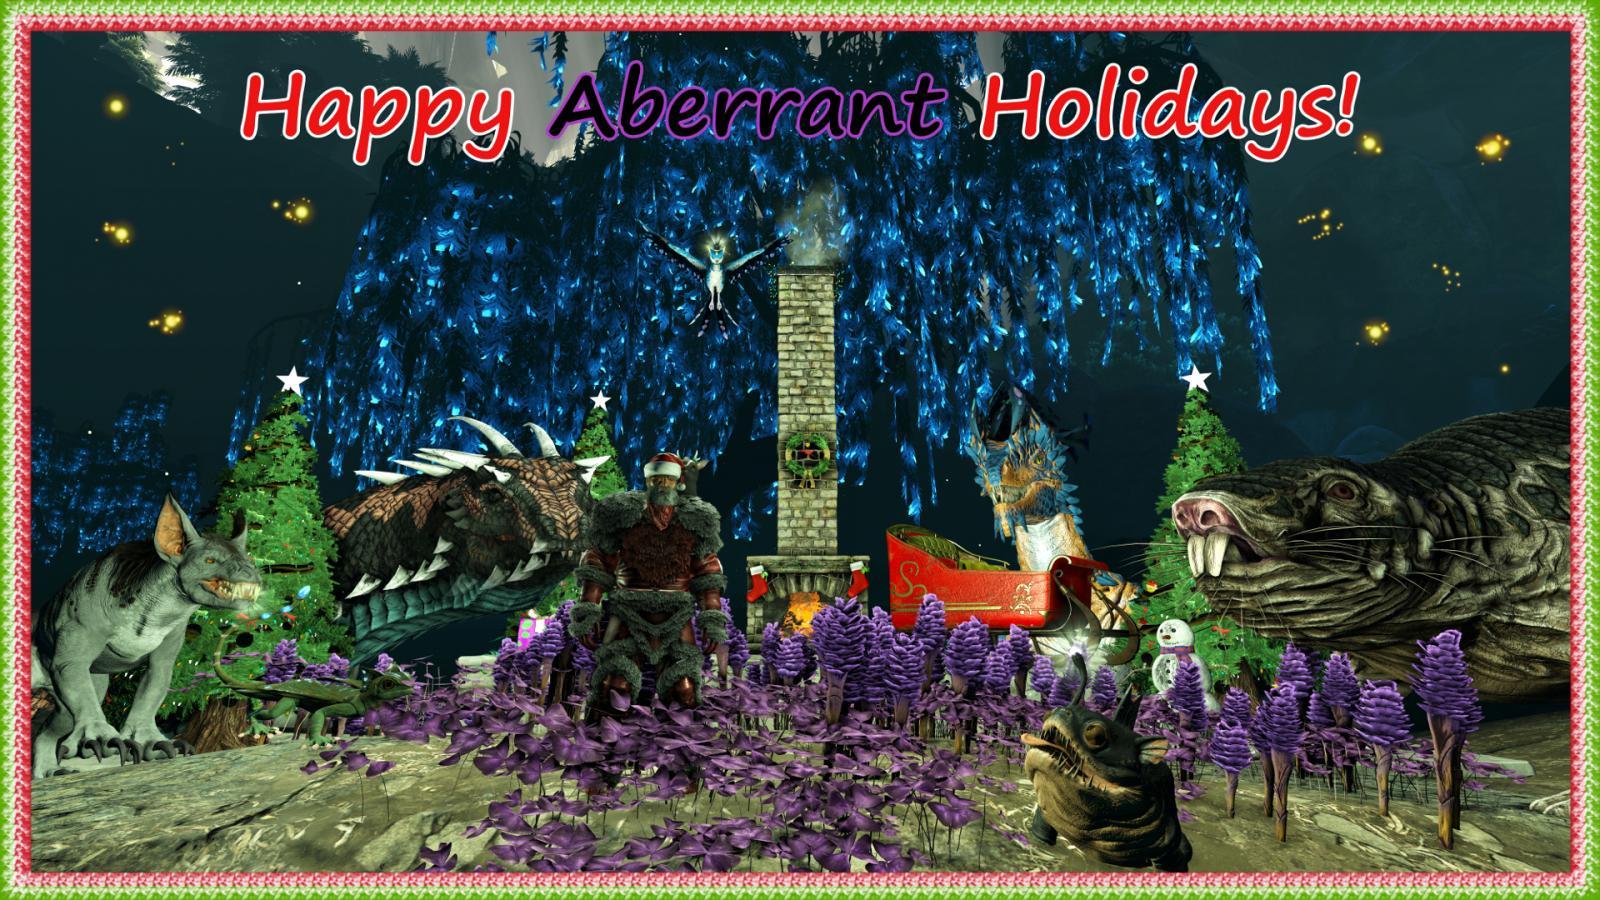 large.5a3da4127954b_WolfAngelus-HappyAberrantHolidays!-Freeform.jpg